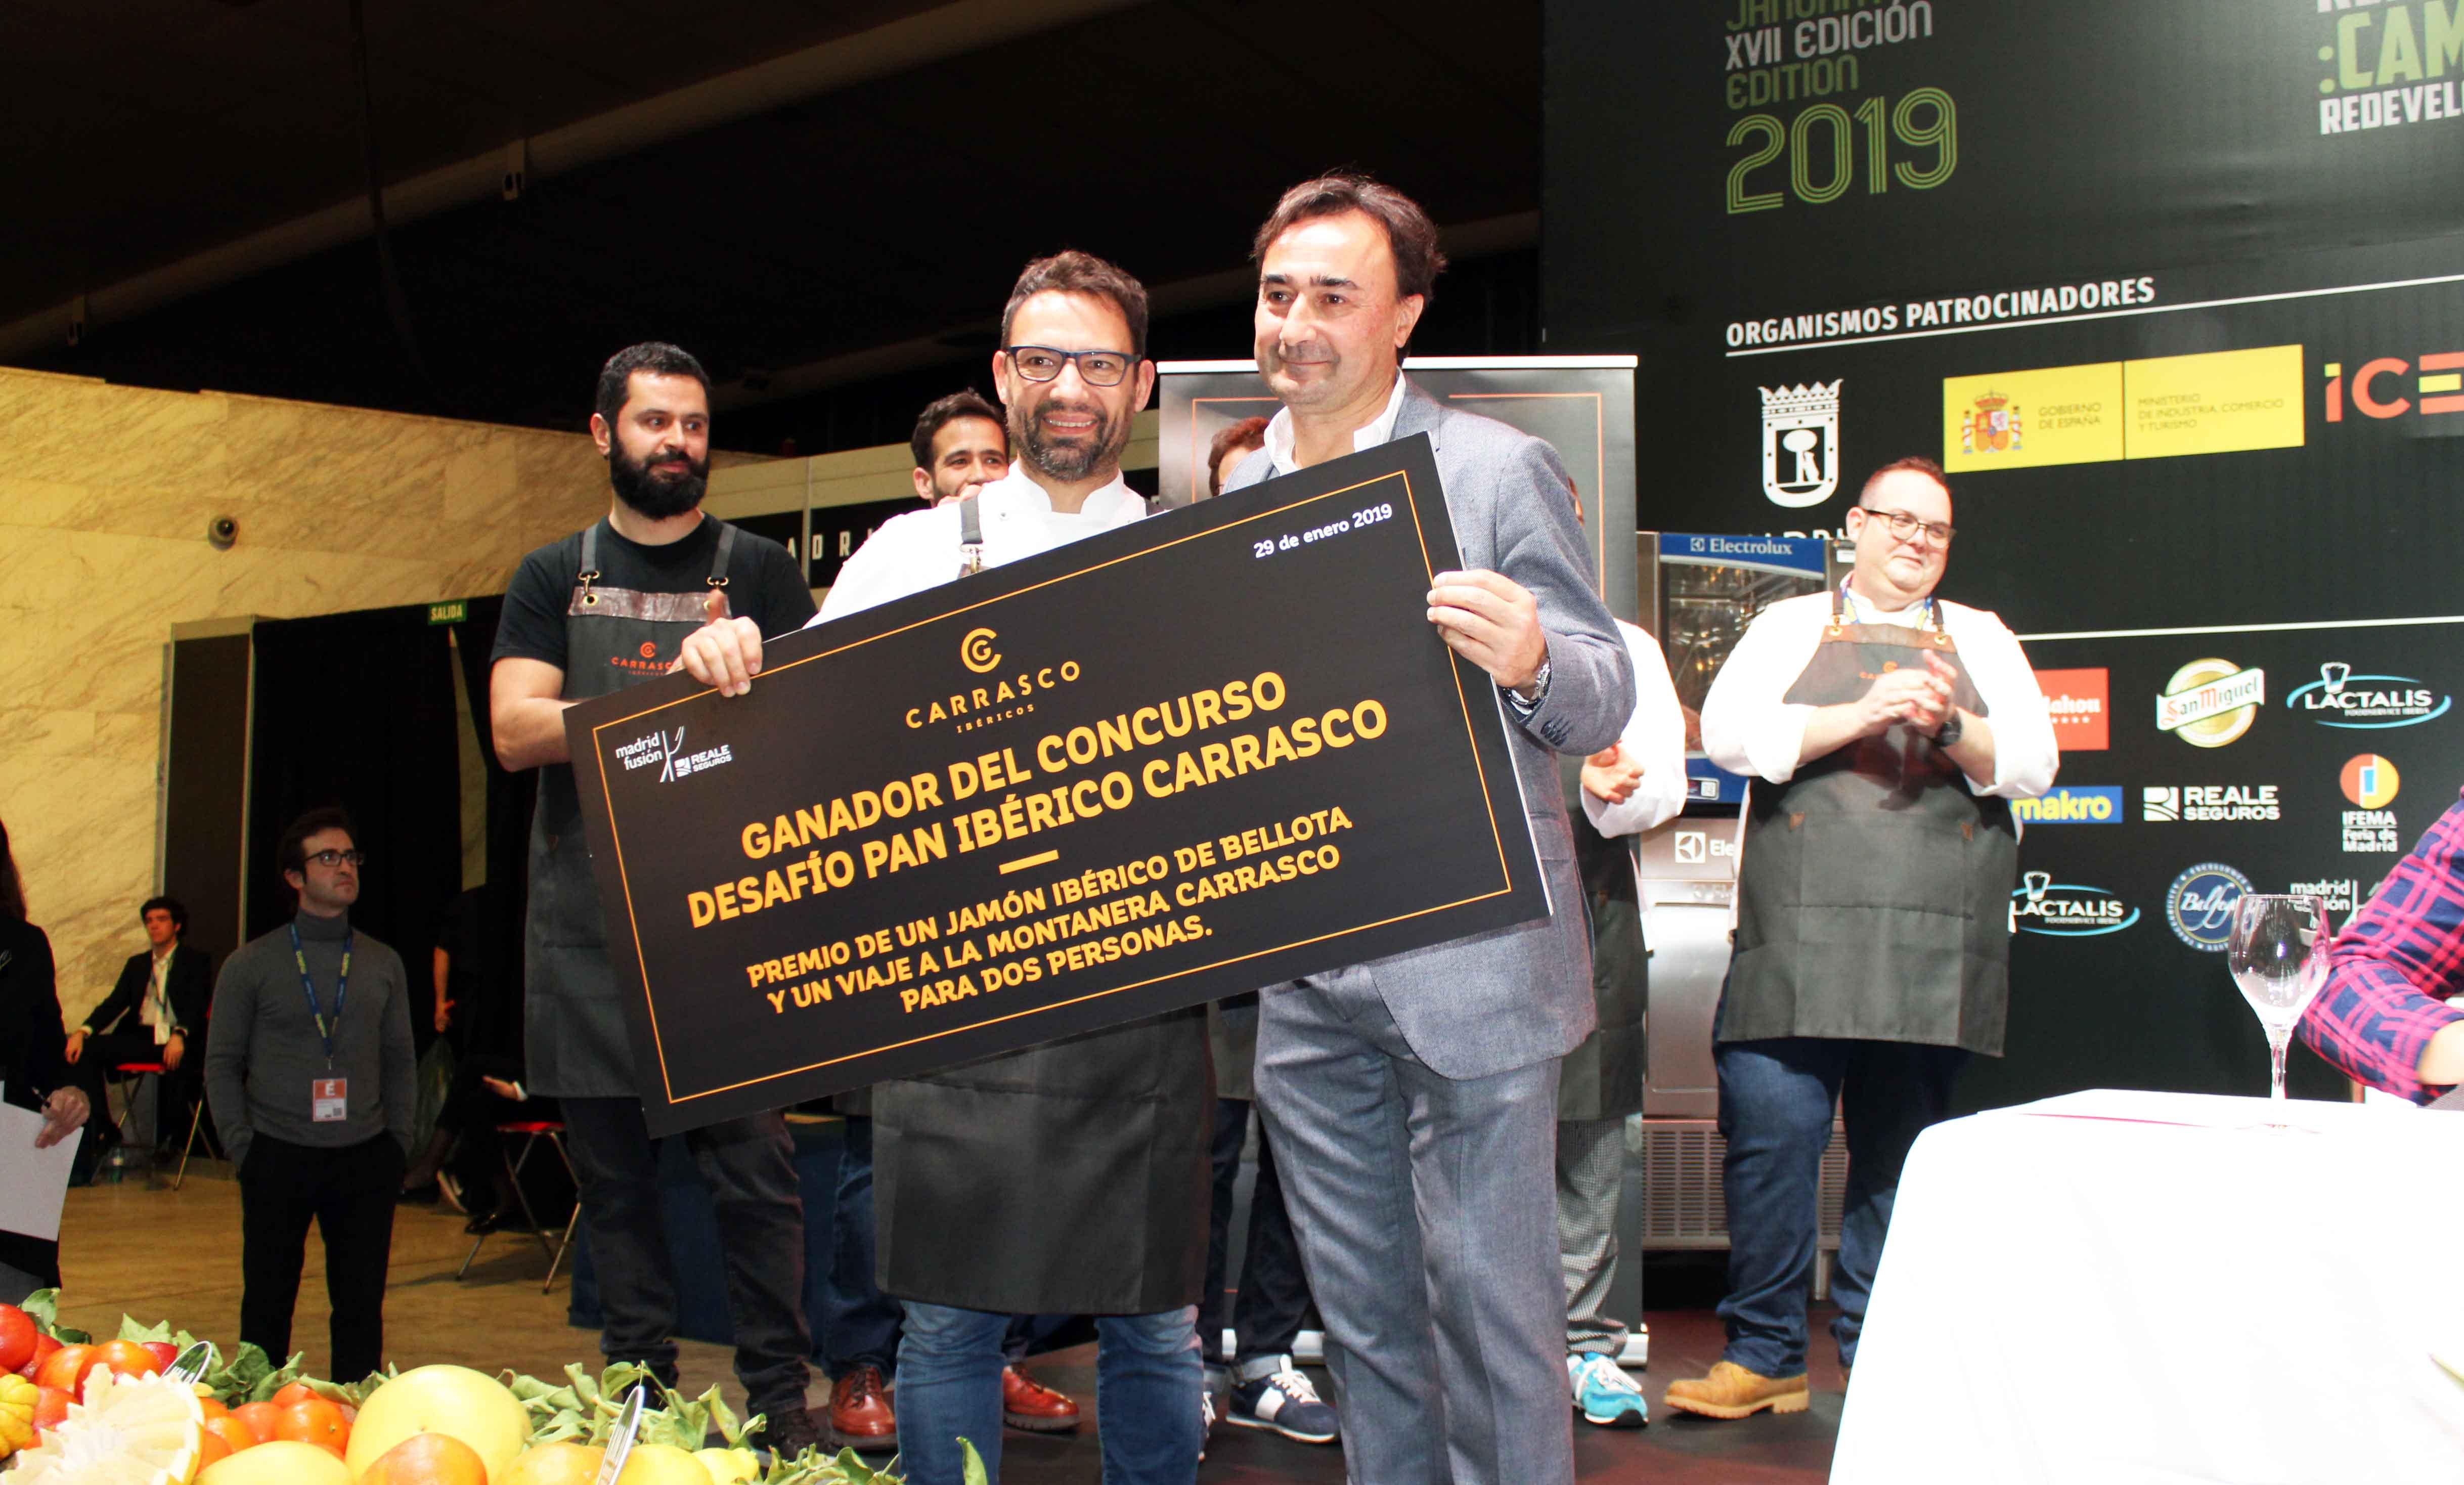 Marc Martí de Triticum gana el desafío pan Ibérico de Carrasco Guijuelo